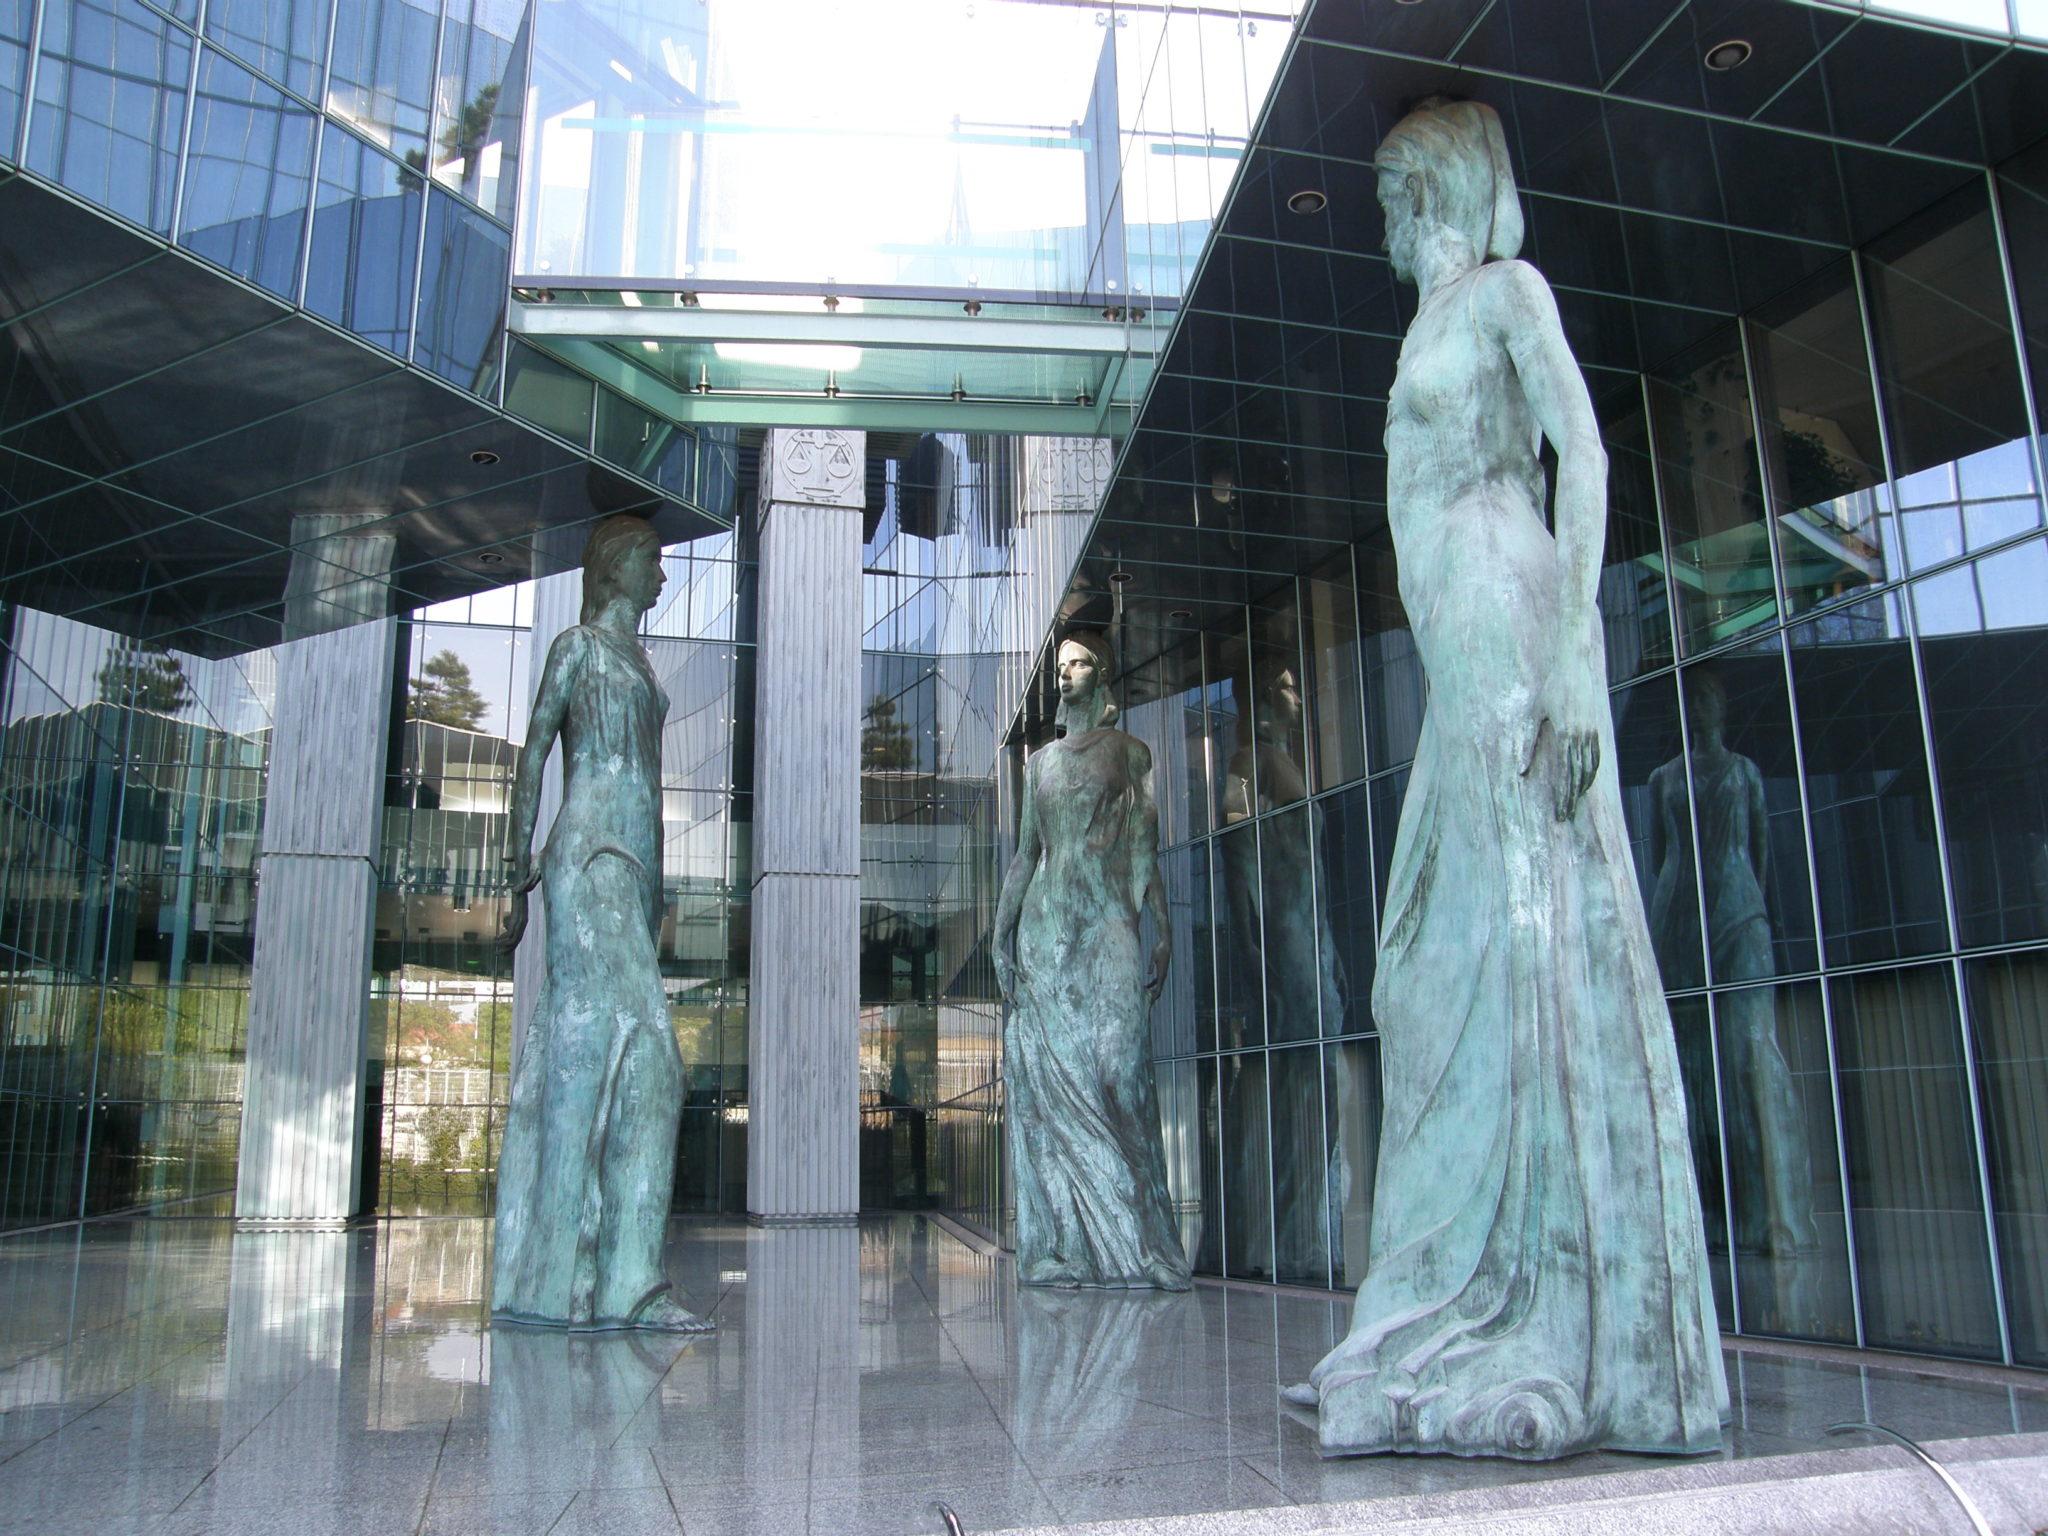 Sąd Najwyższy RP. Źródło: wikimedia.org